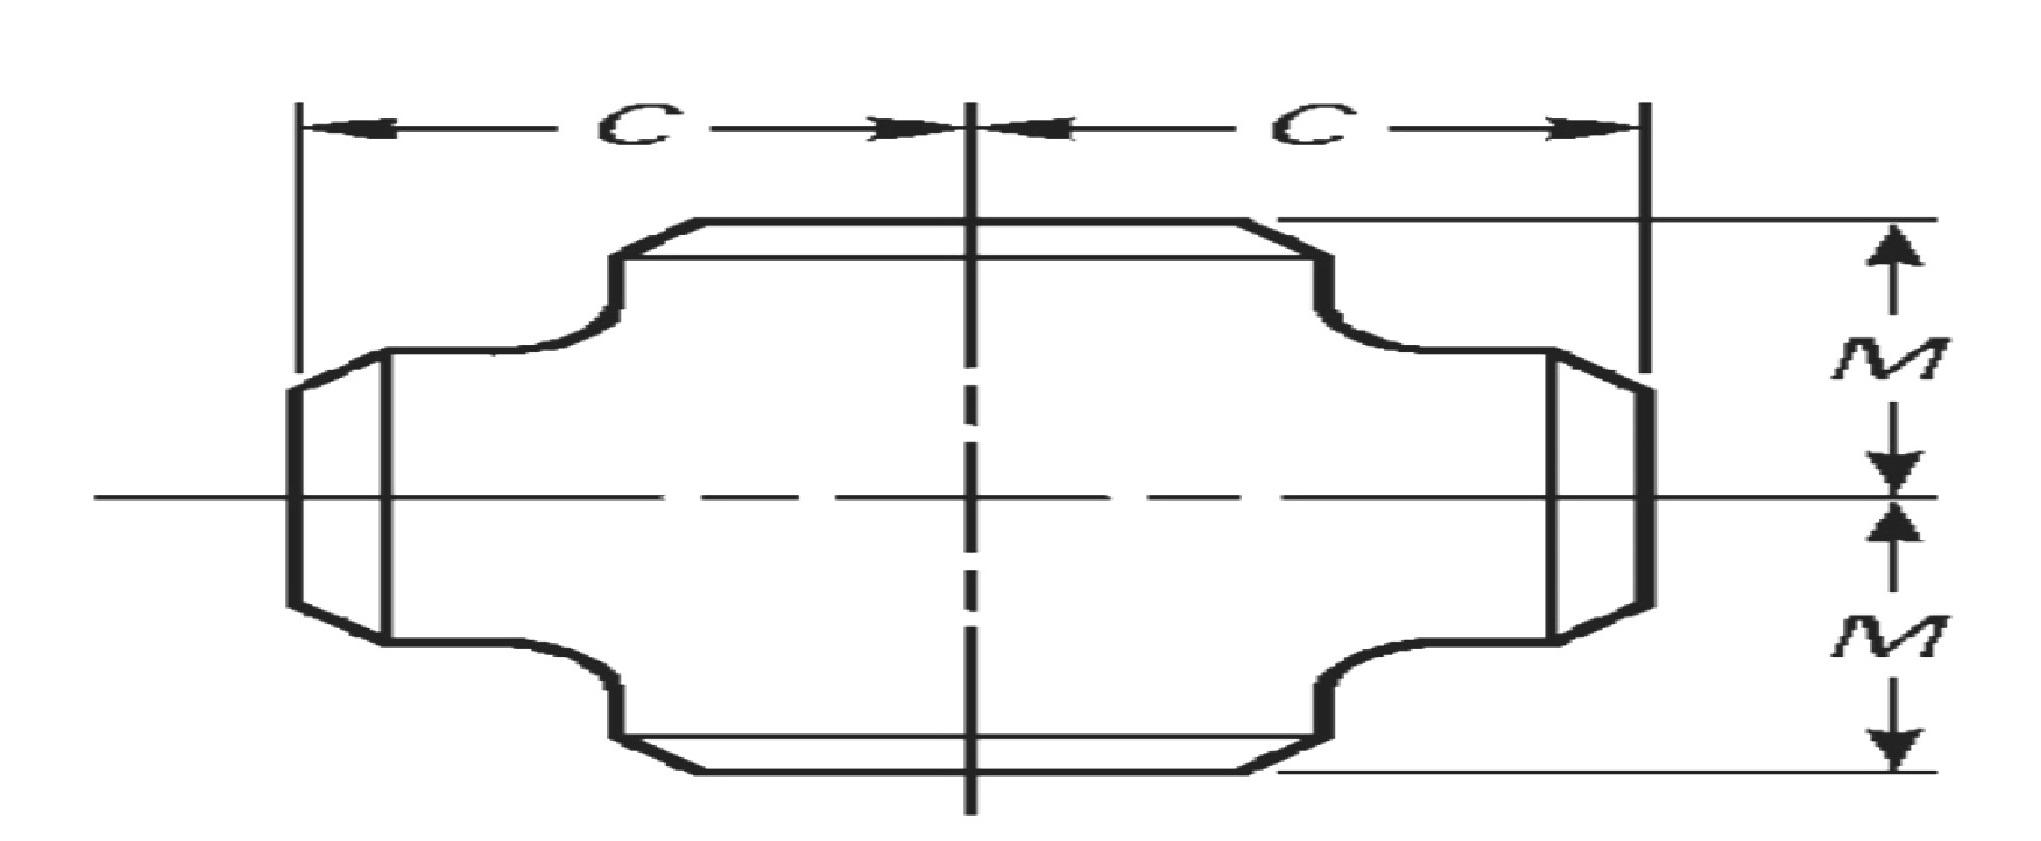 نقشه چهارراه